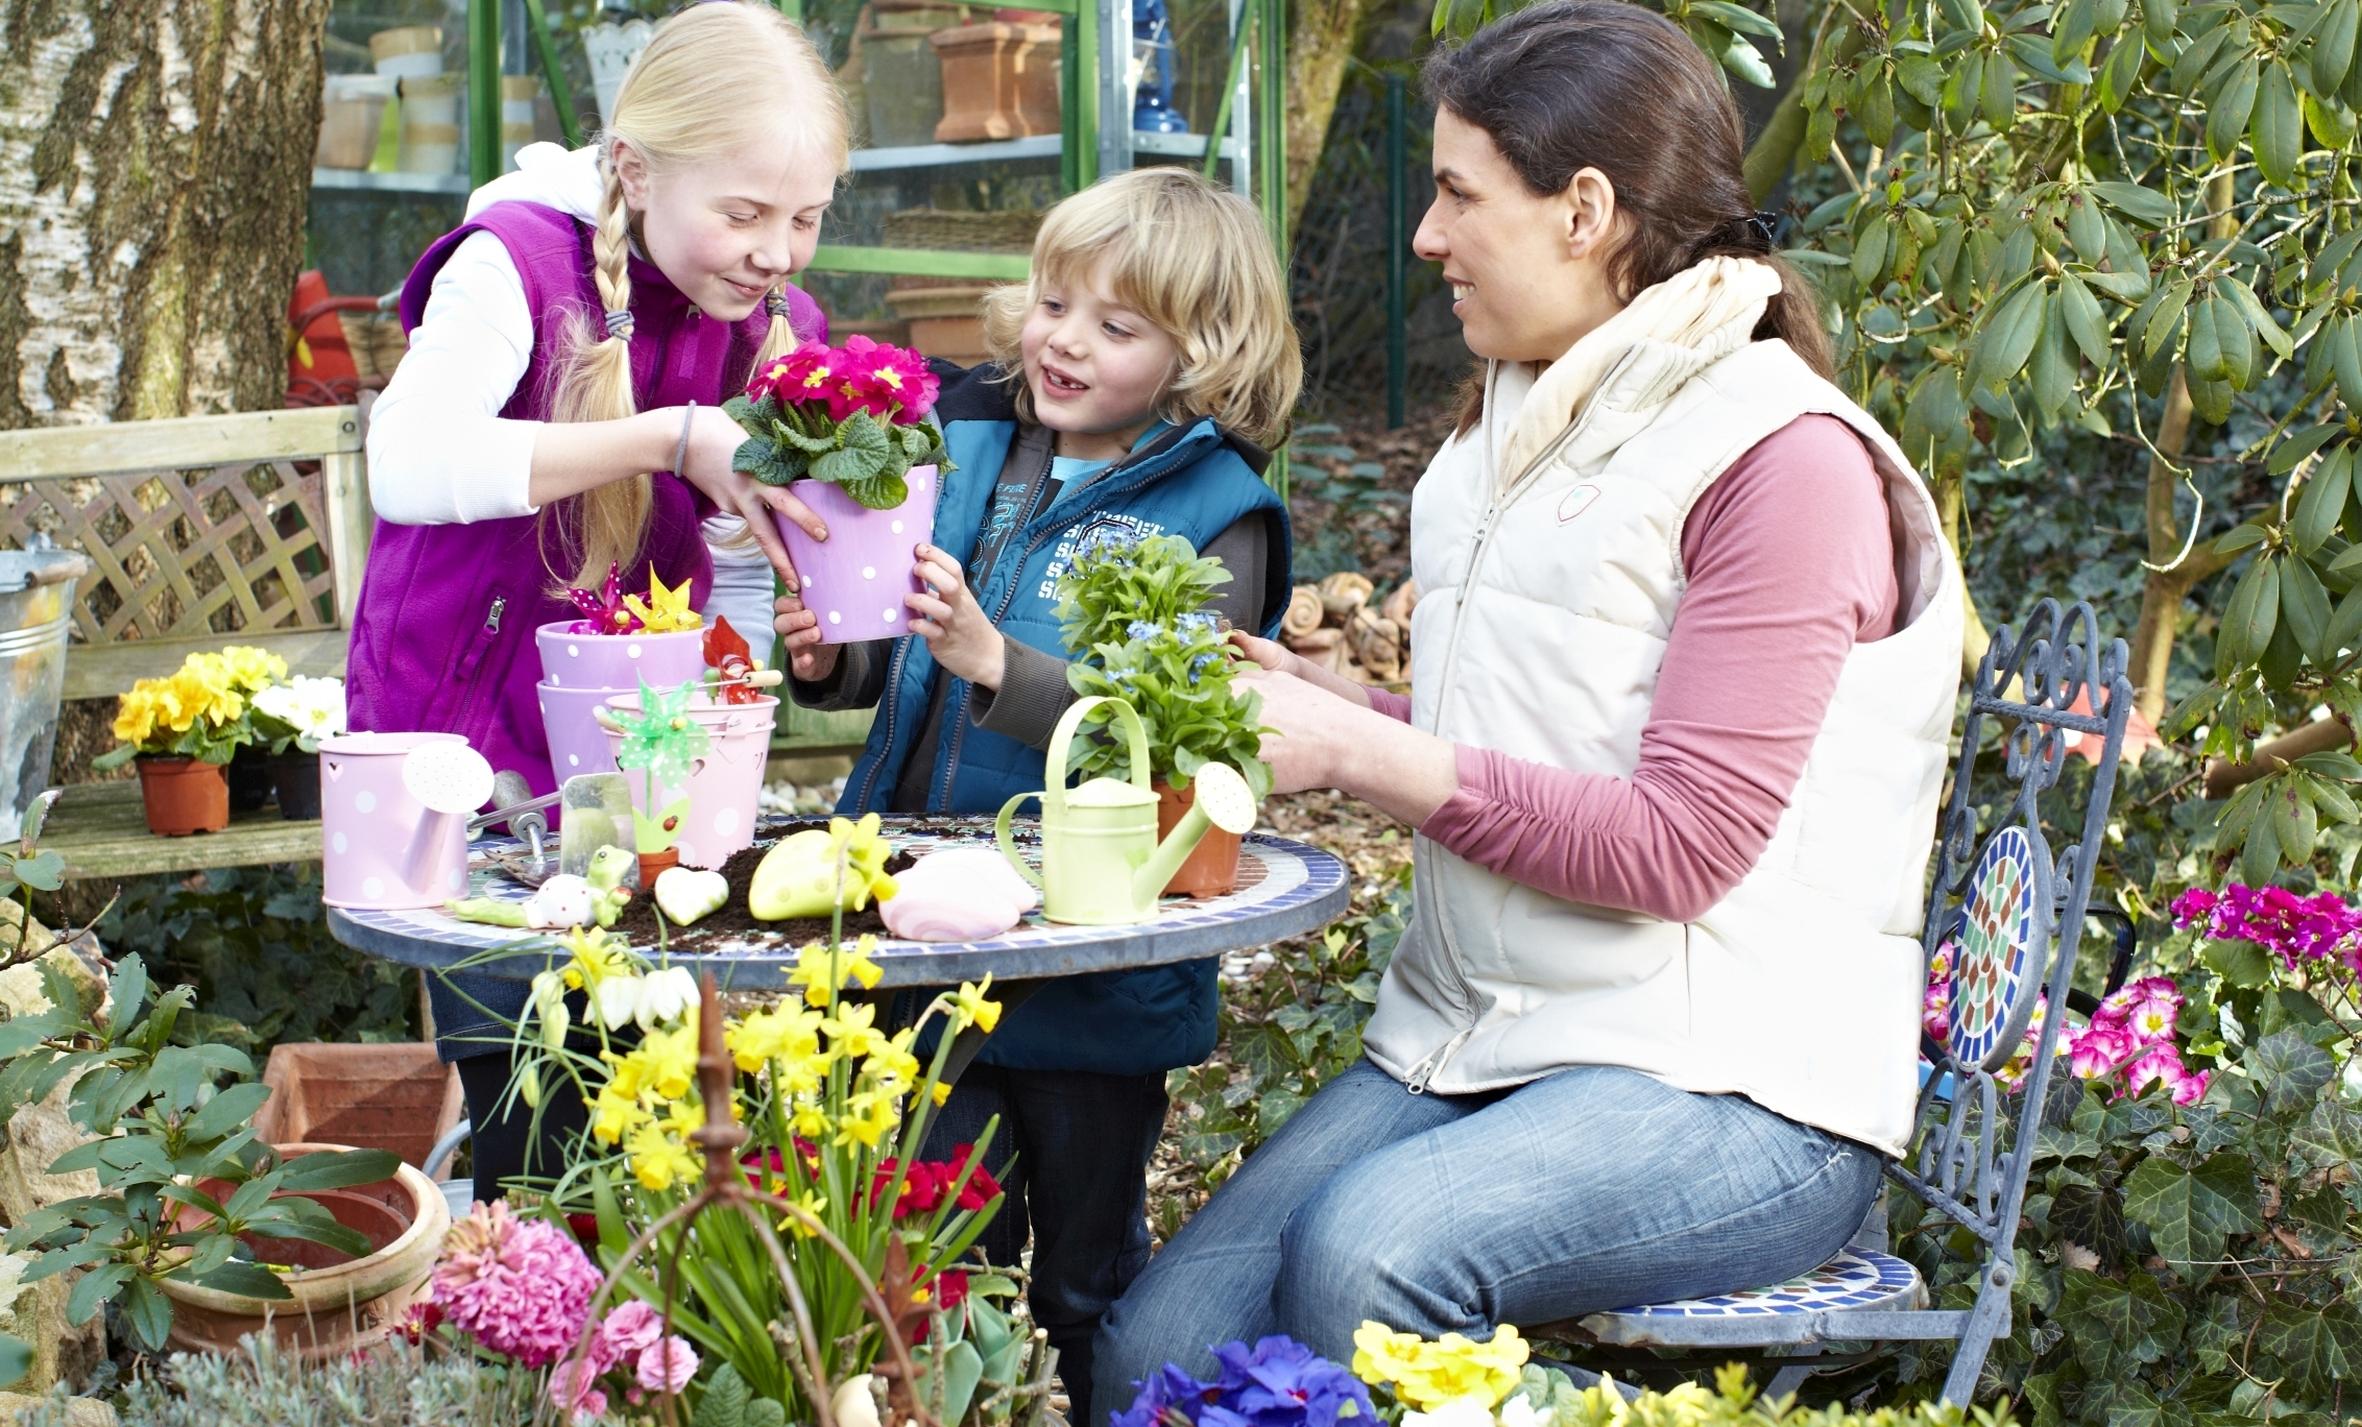 Kinder für die Welt der Pflanzen begeistern: Mit bunten Frühlingsblumen spielend leicht